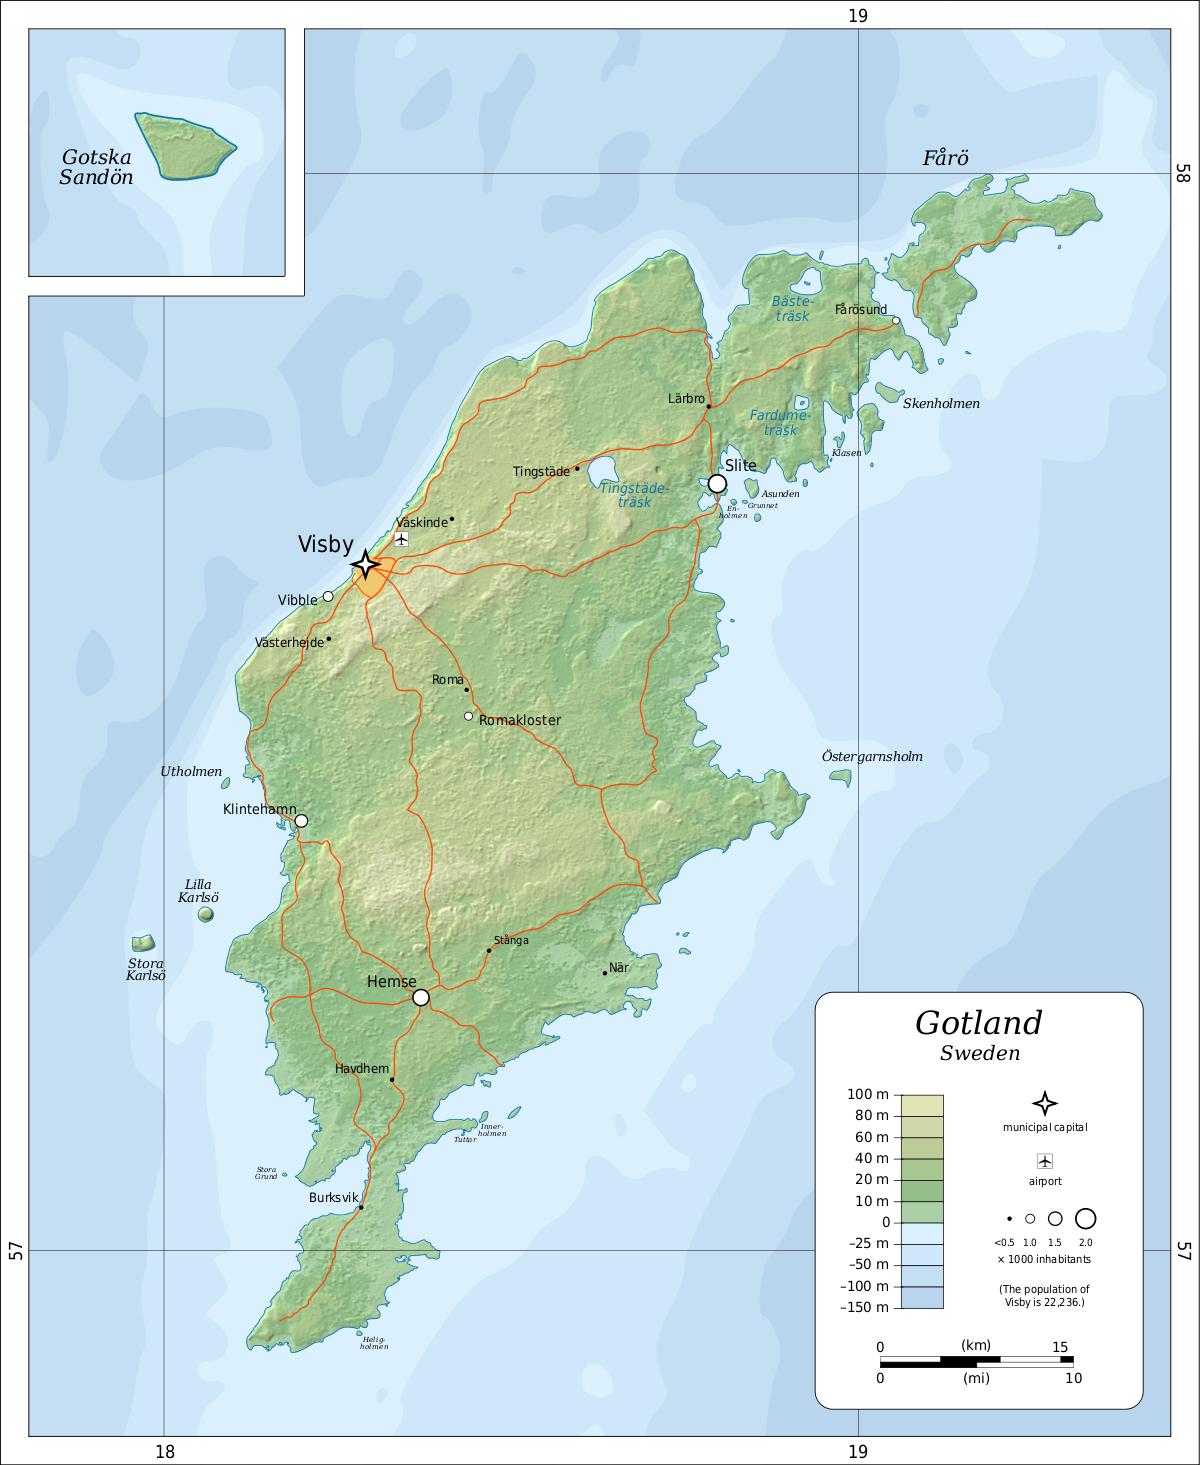 готланд остров в балтийском море